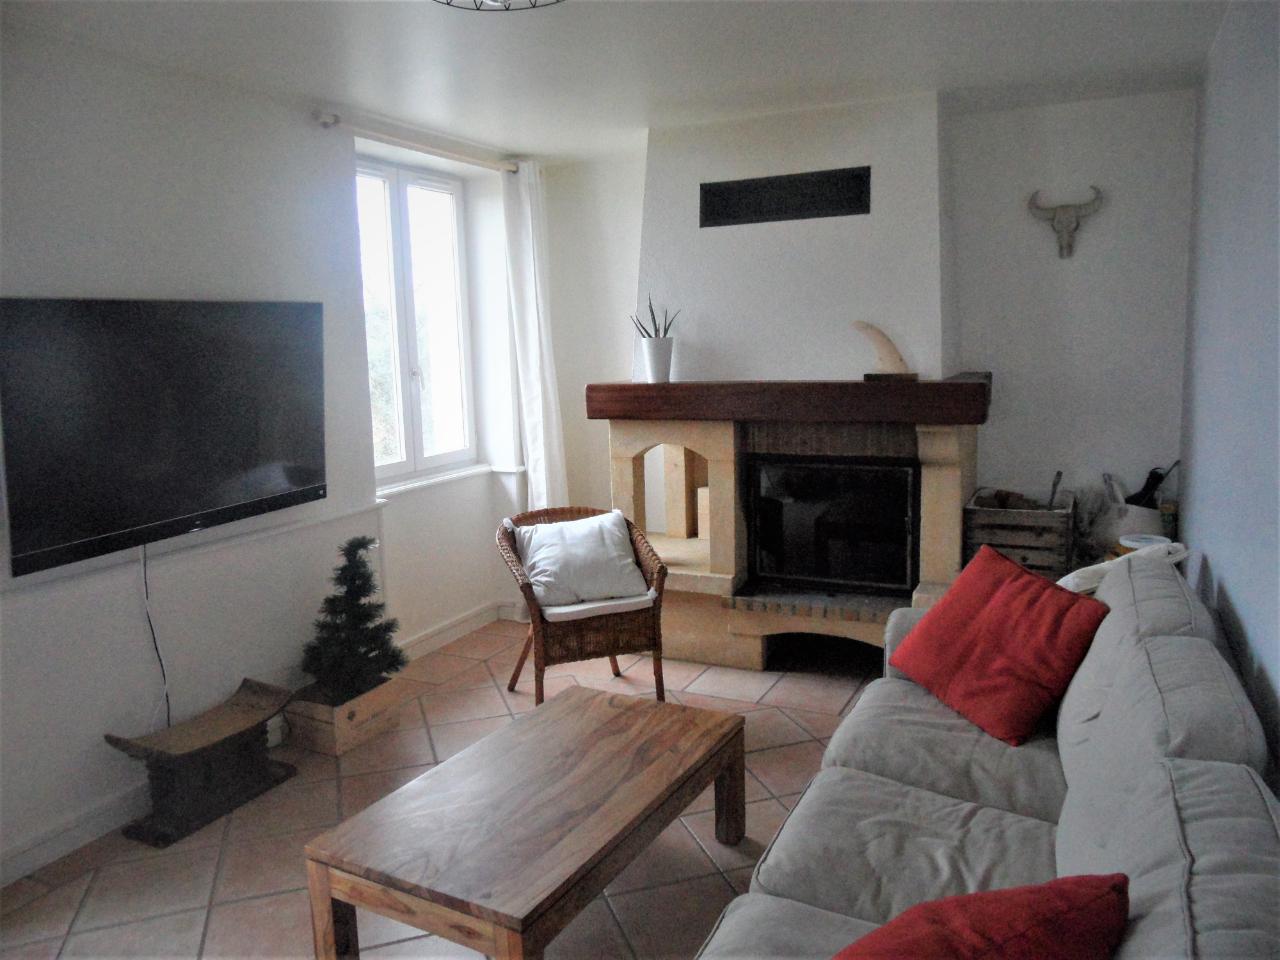 vente appartement à BIDART - 382 000